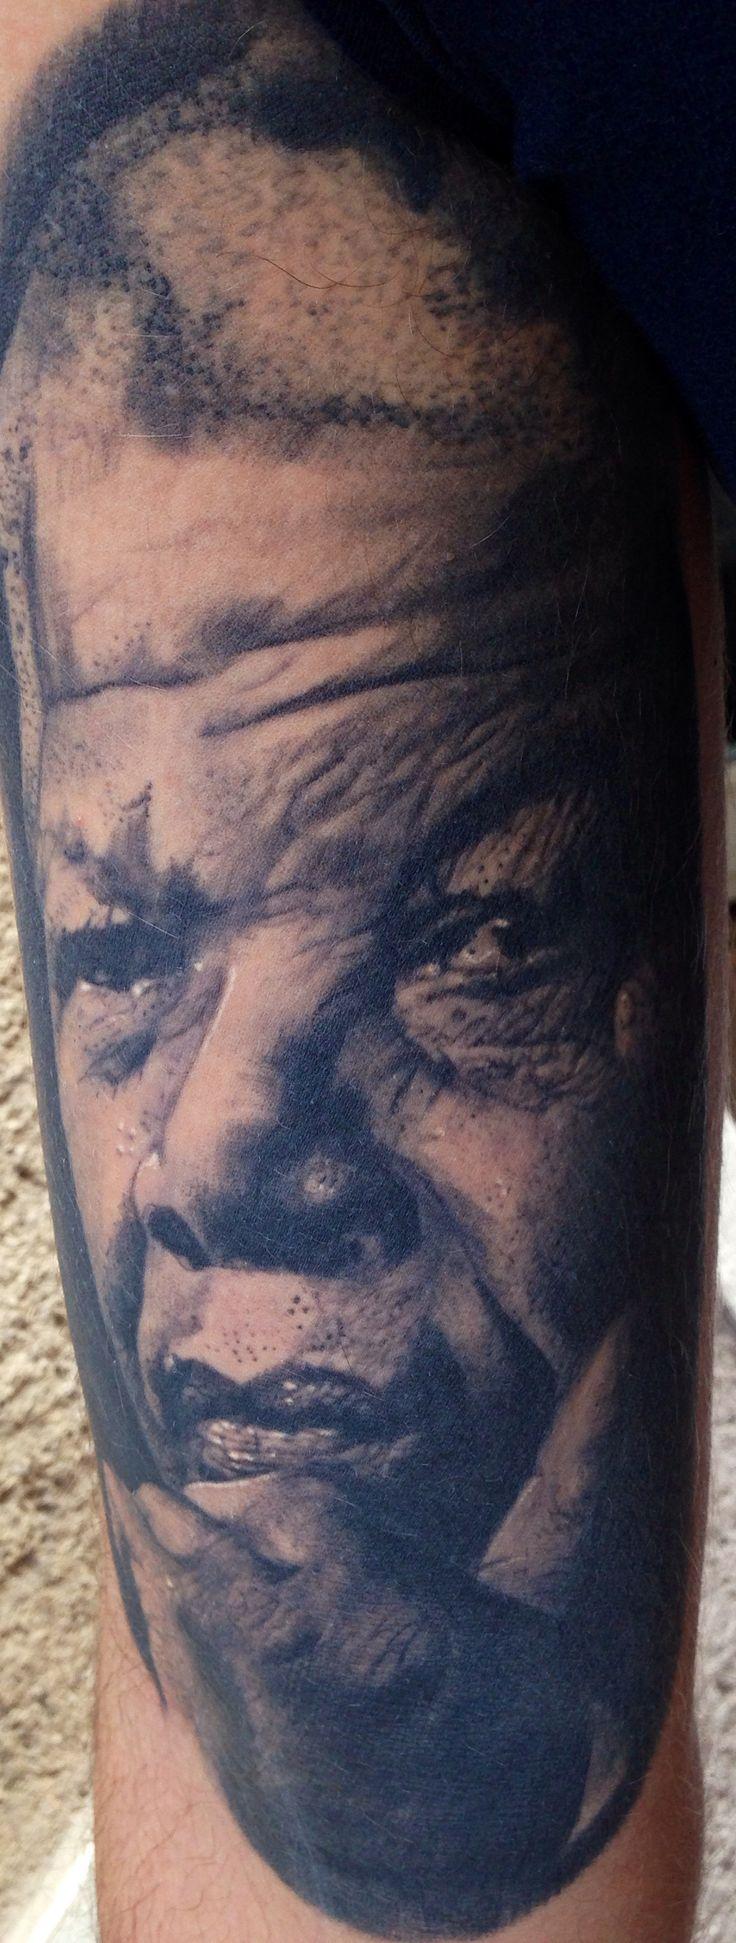 portrait de nelson mandella,  tattoo tatouage par piero la cour des miracles toulouse